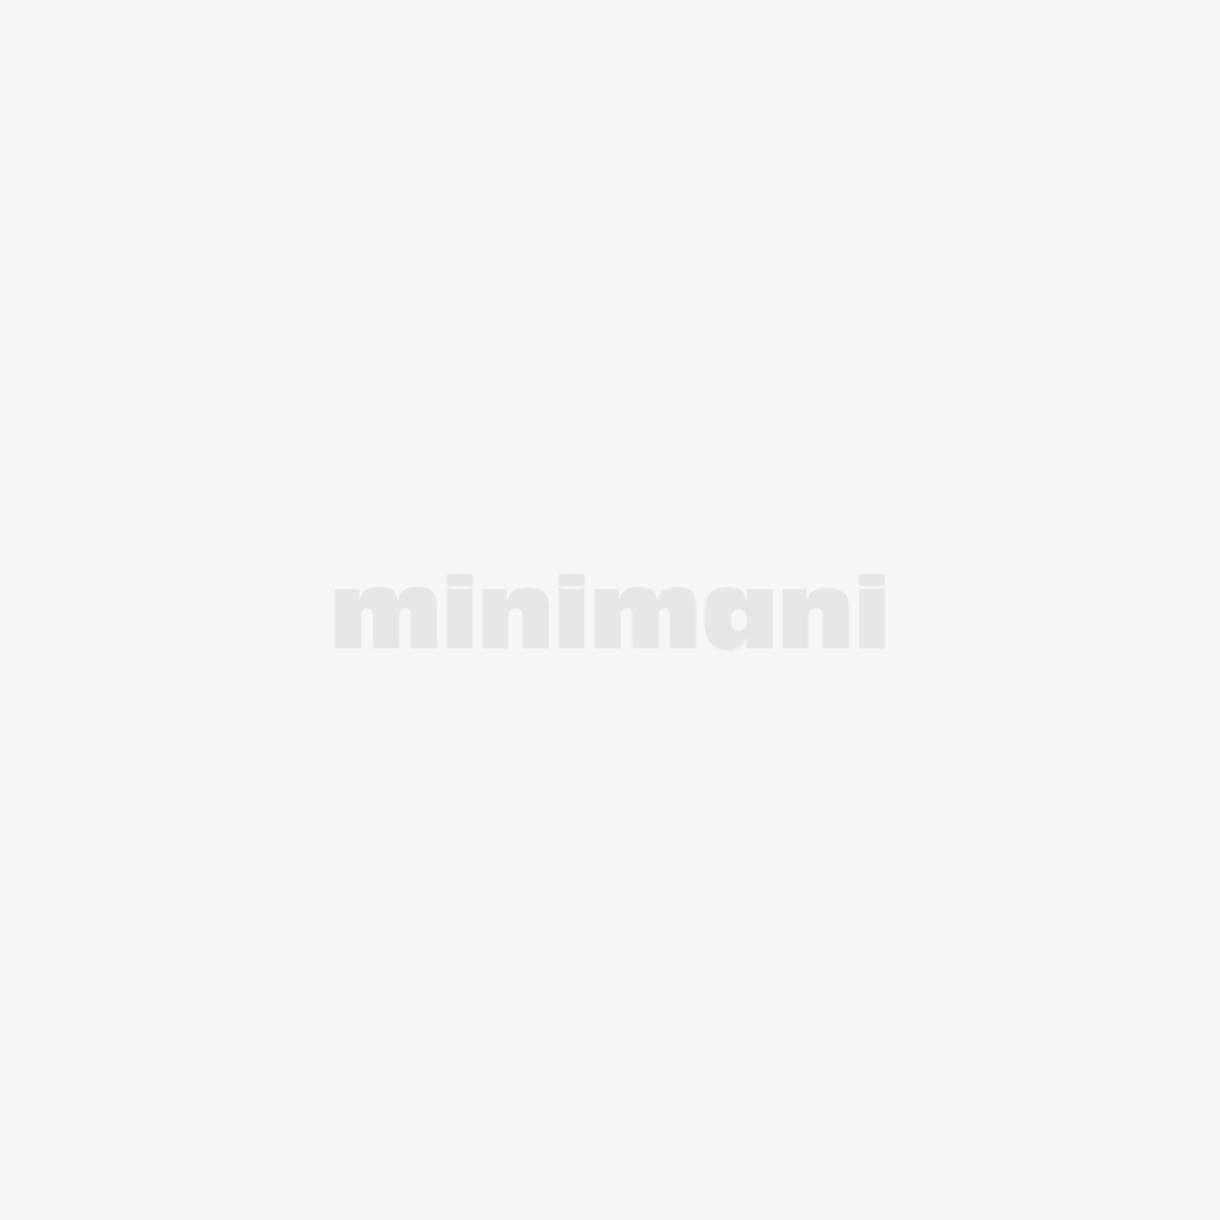 Finlayson käsipyyhe 30x50cm, Muumipappa sininen